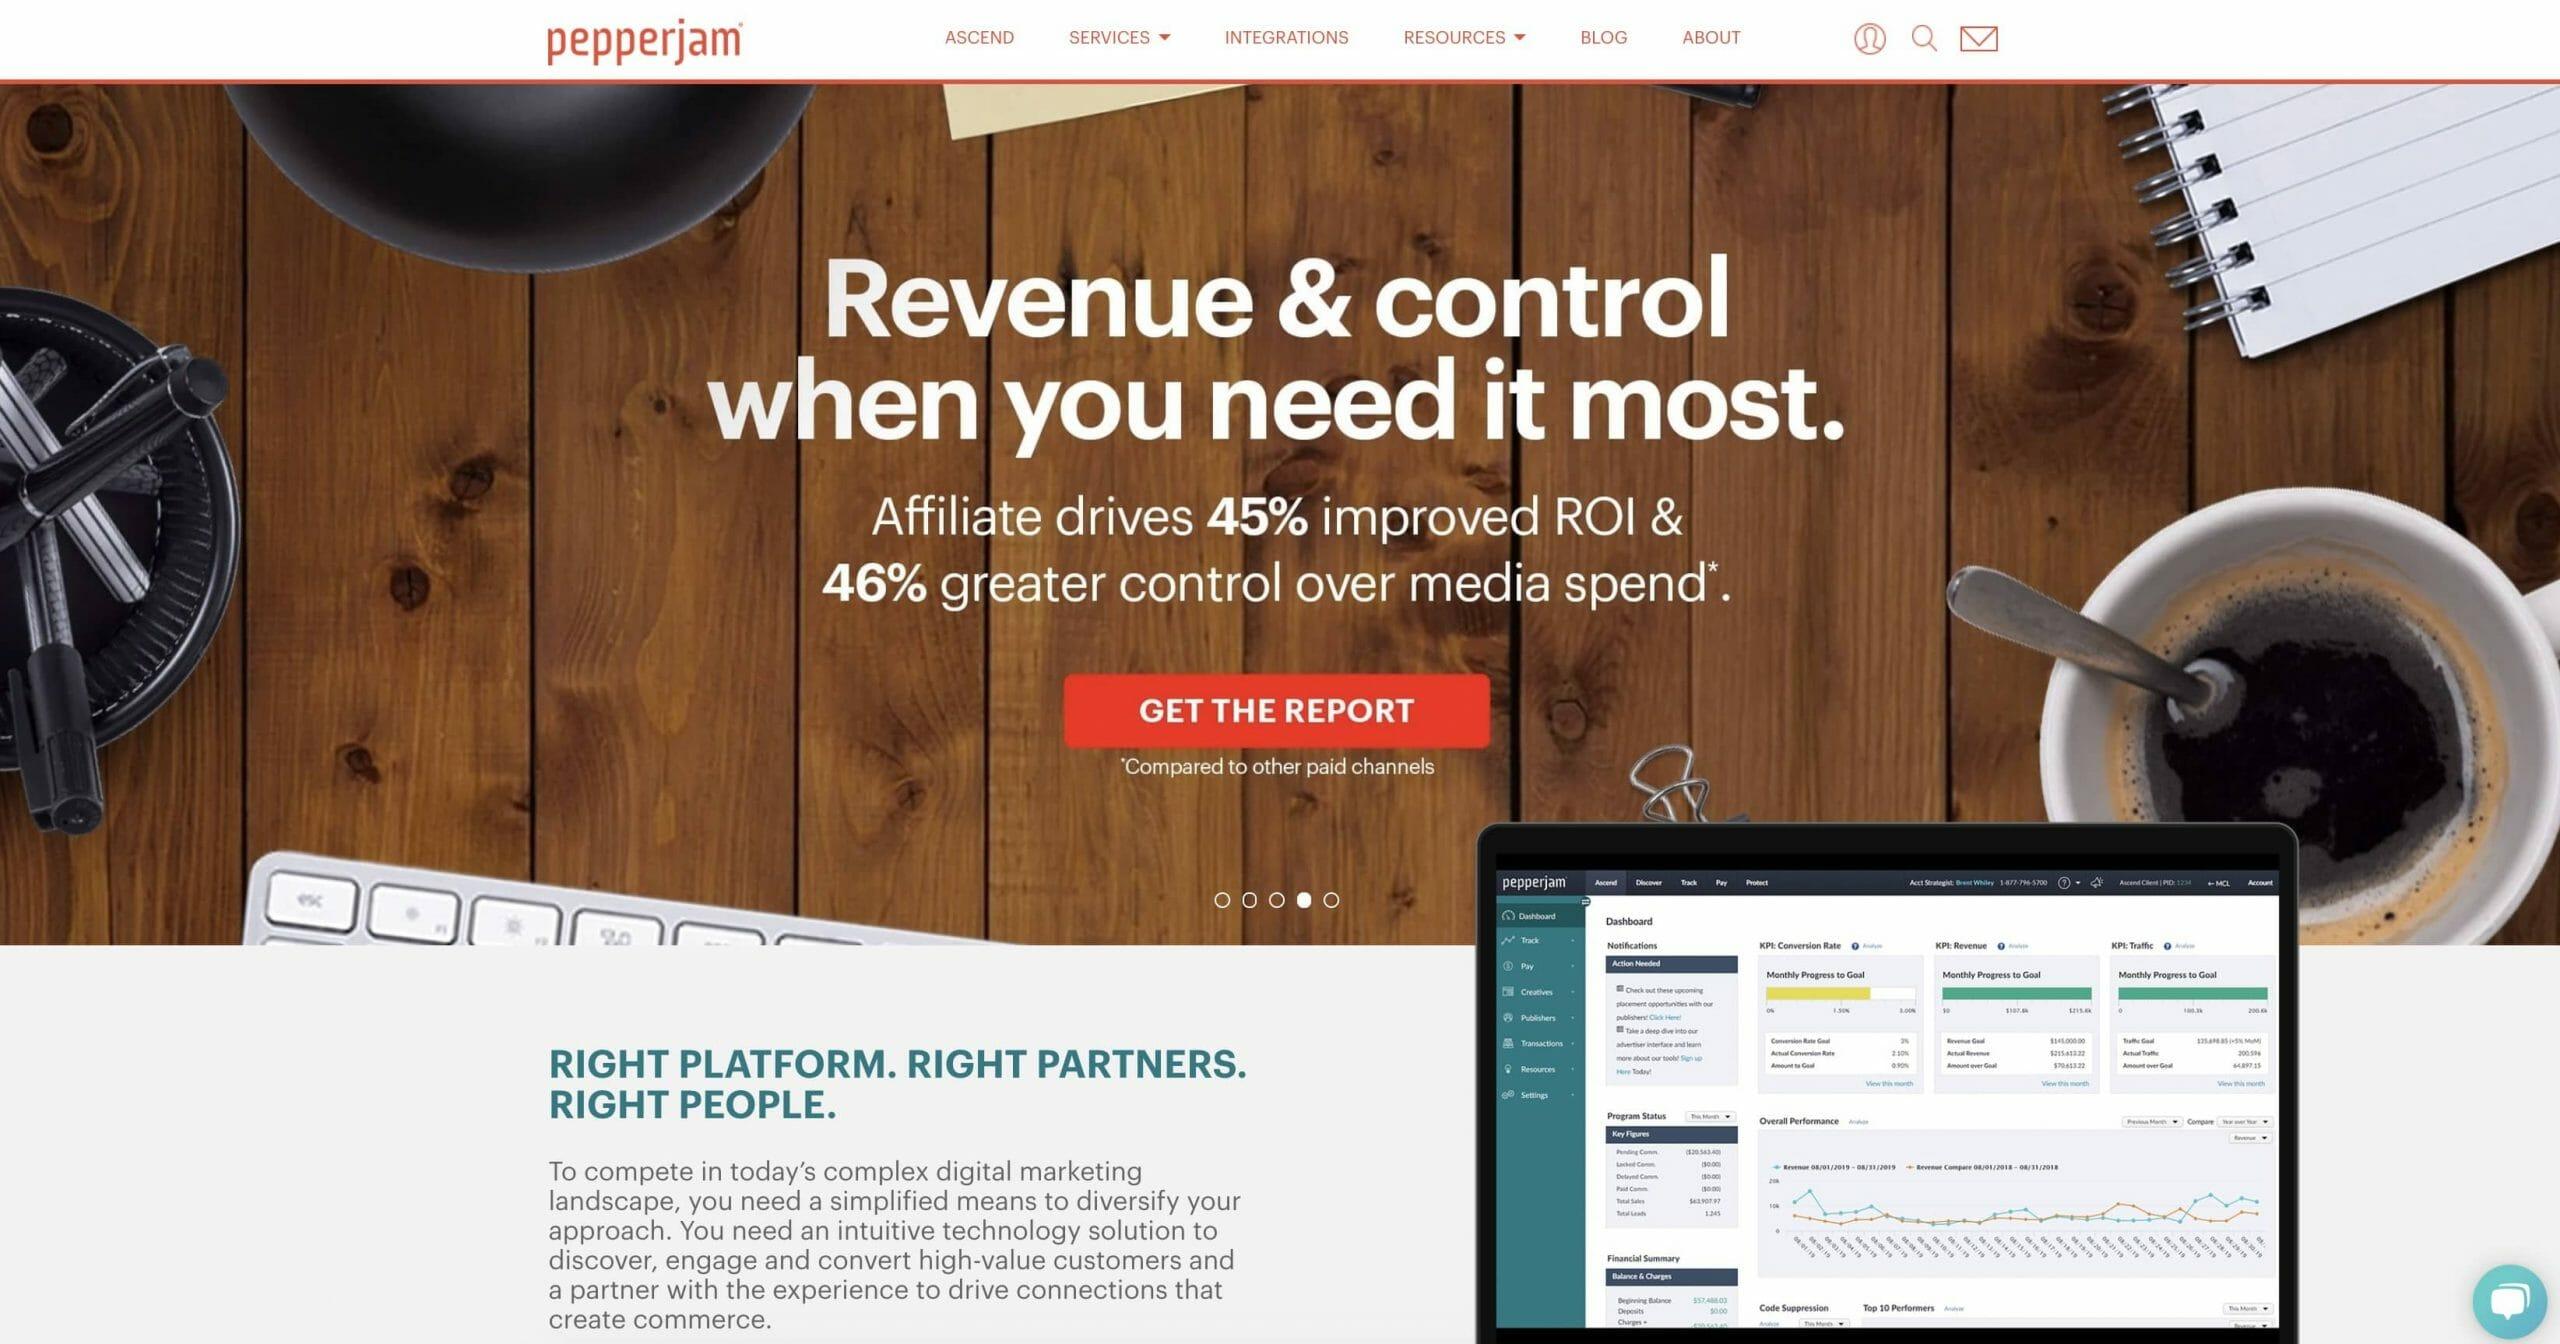 Pepperjam Homepage Snapshot